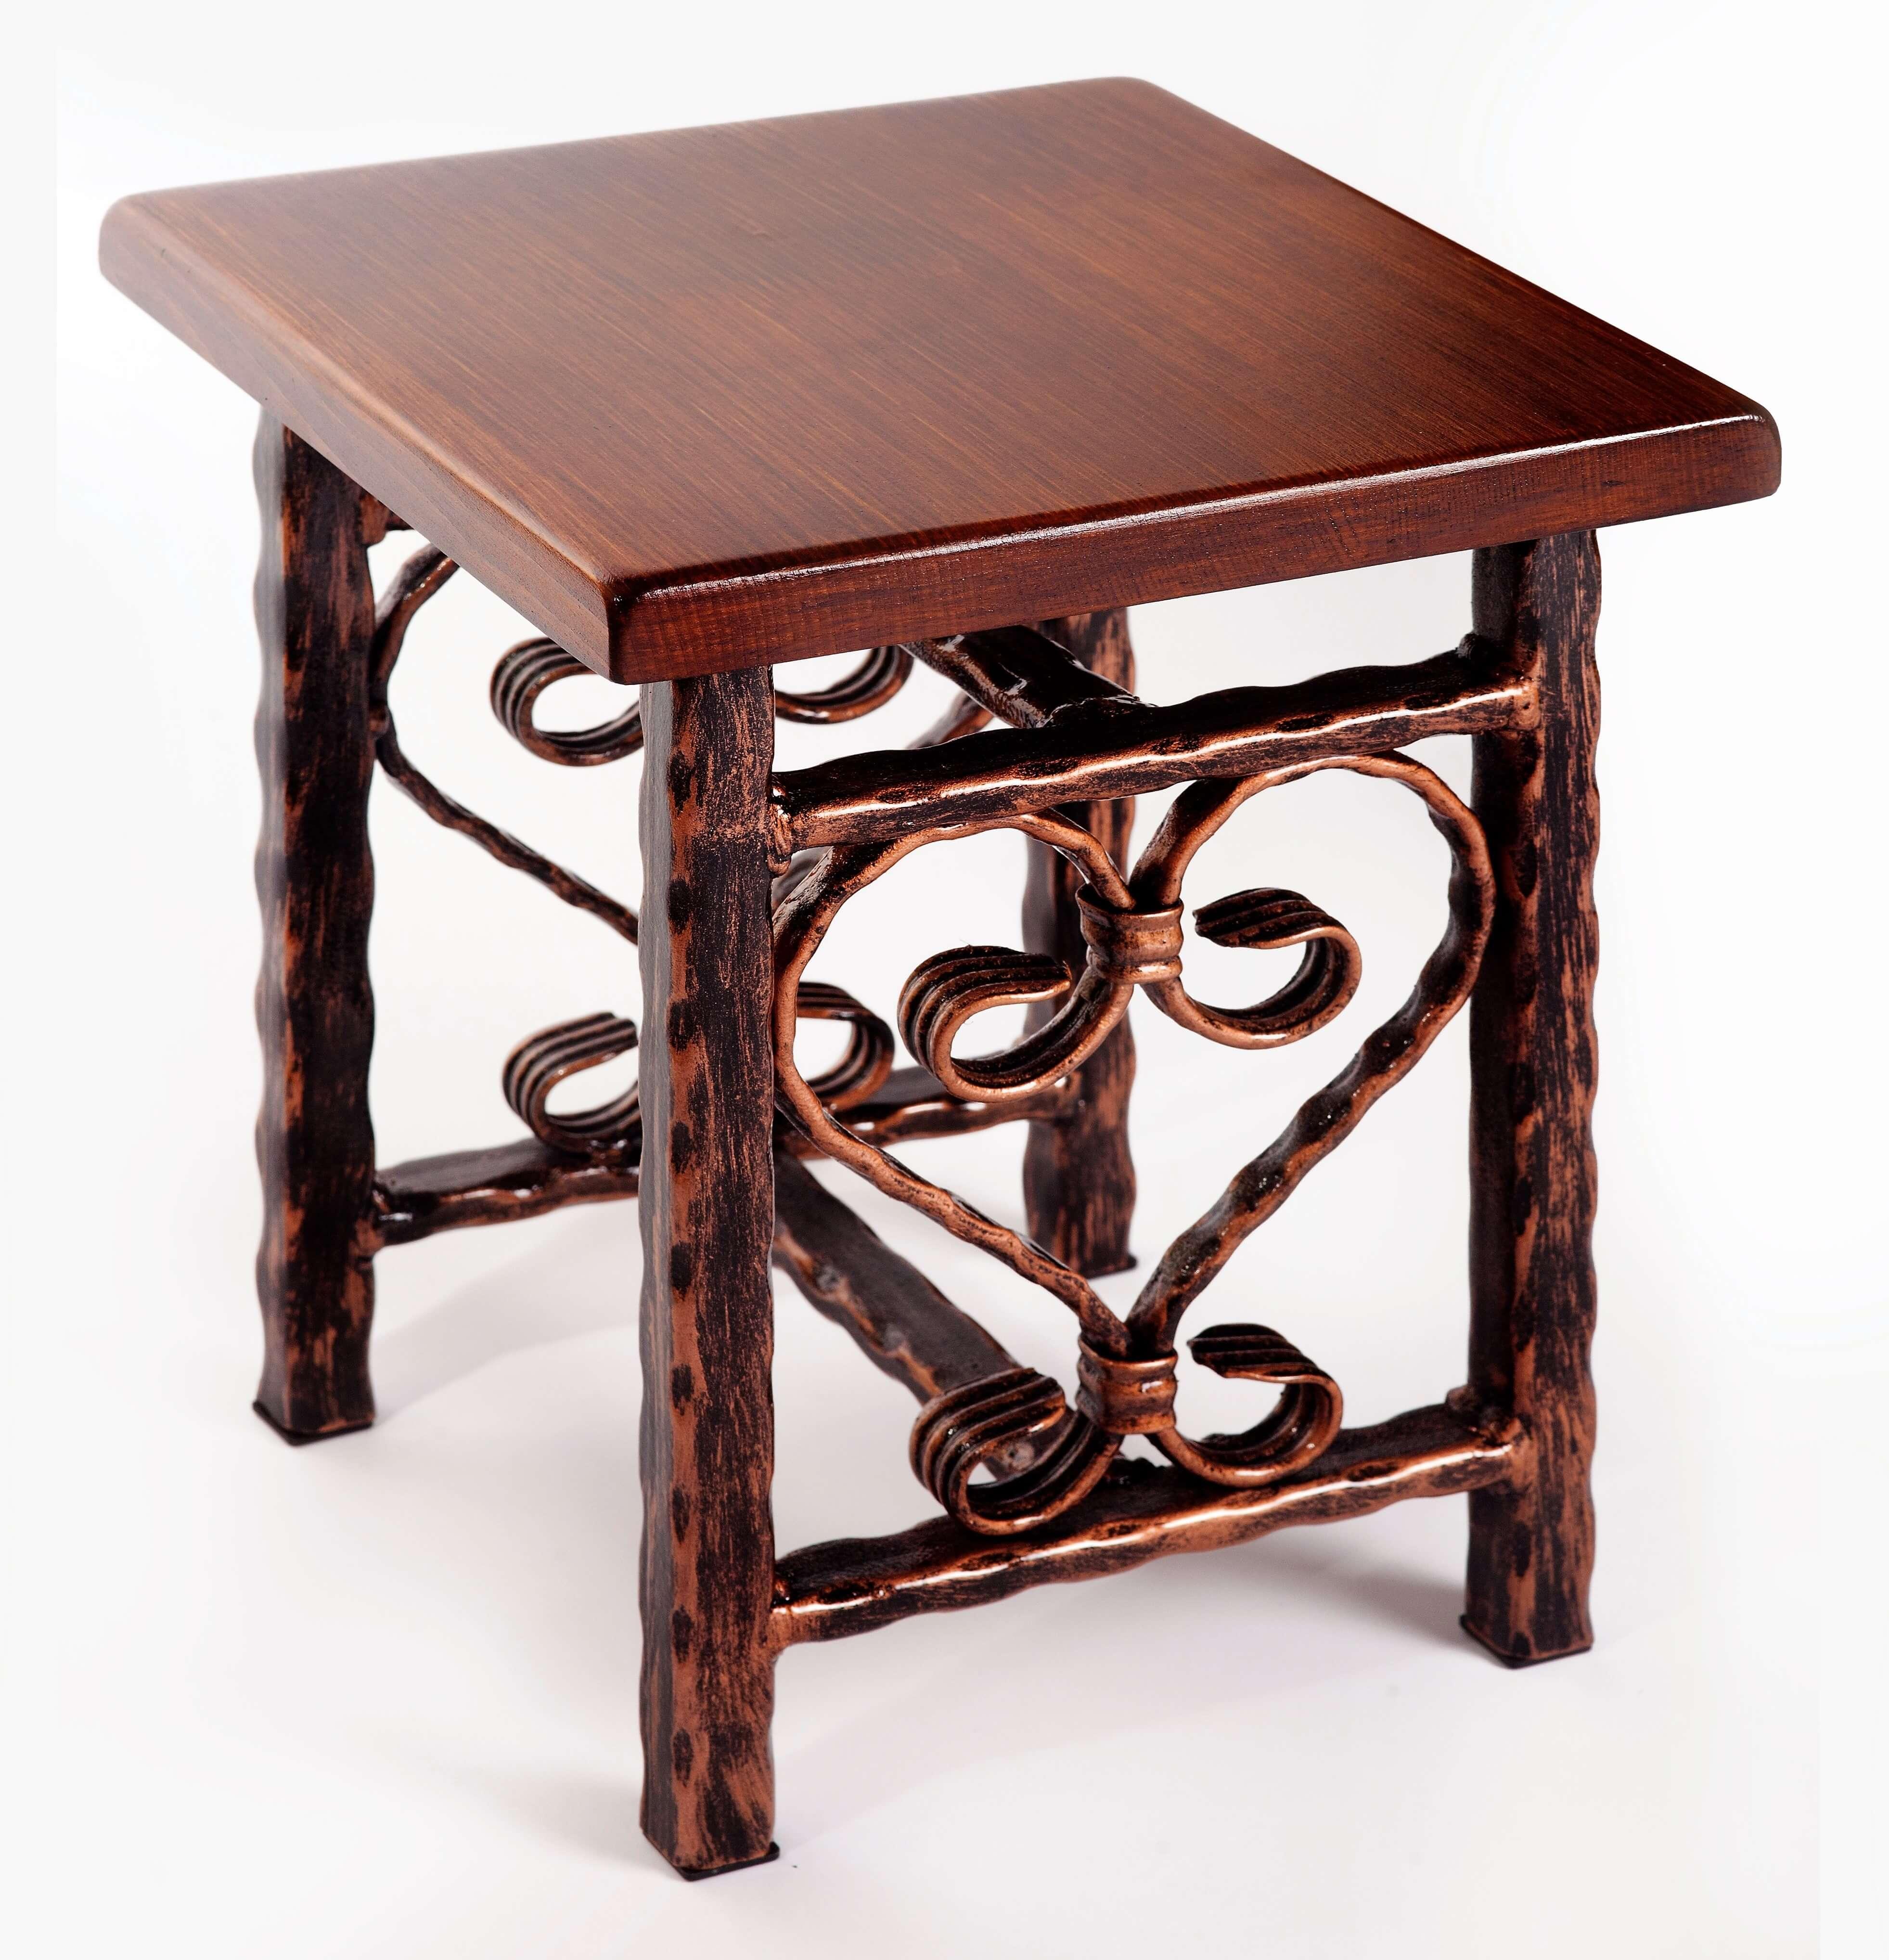 Kovaný stolček, Kovaný stoleček, Stolček pod vety, Kovaný nábytok, Kovaný nábytek, Stoleček pod květiny, METALRUSTIC, Forged table, Geschmiedeter Tisch,